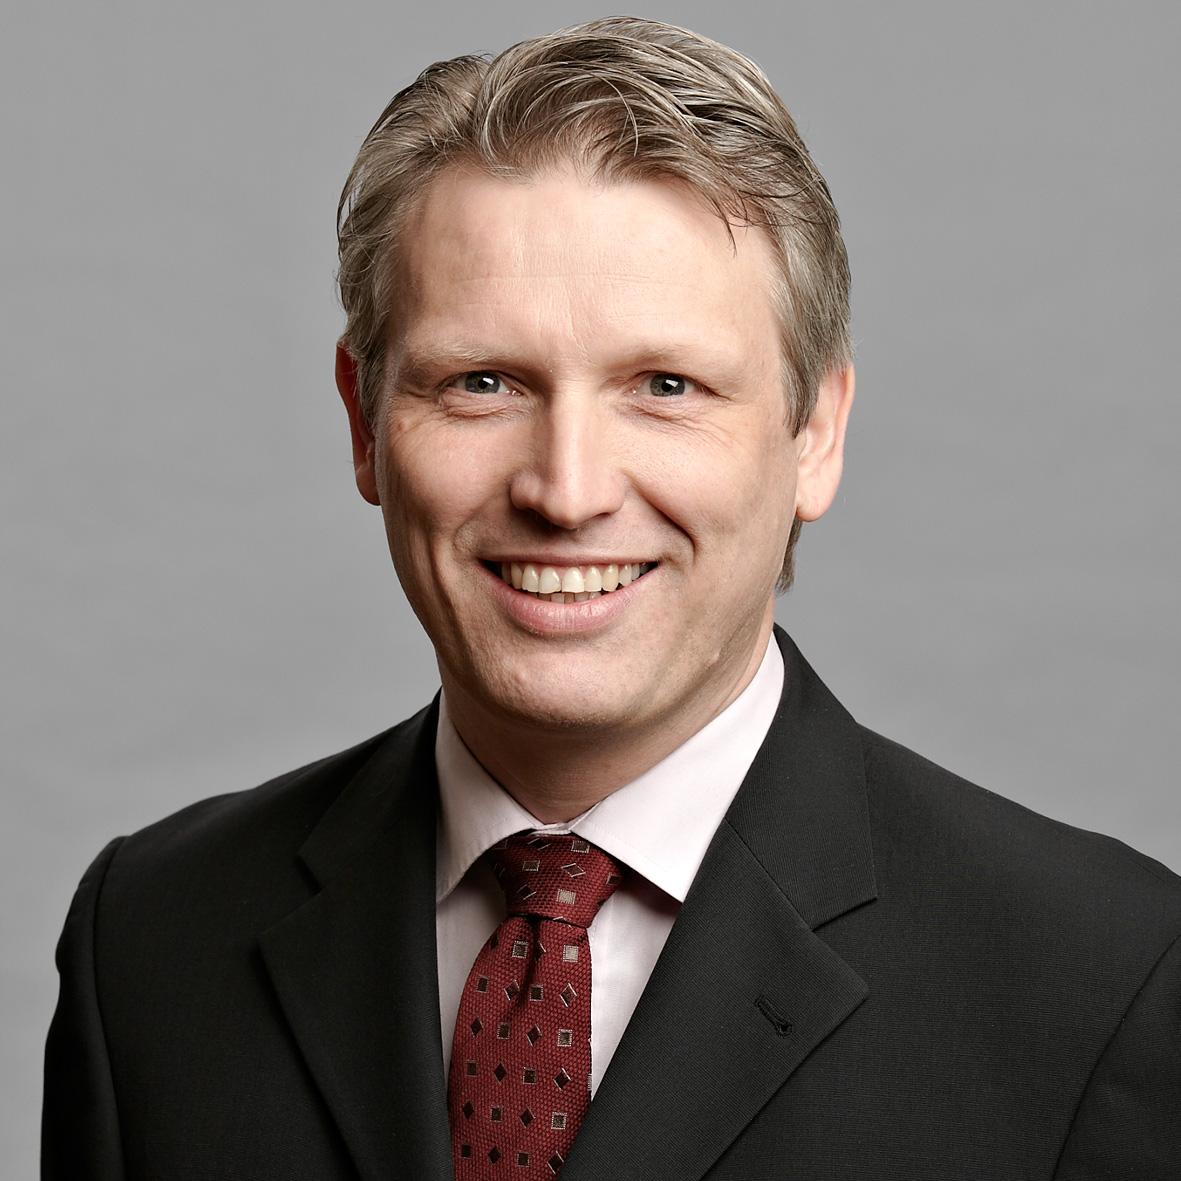 Guido Barbian